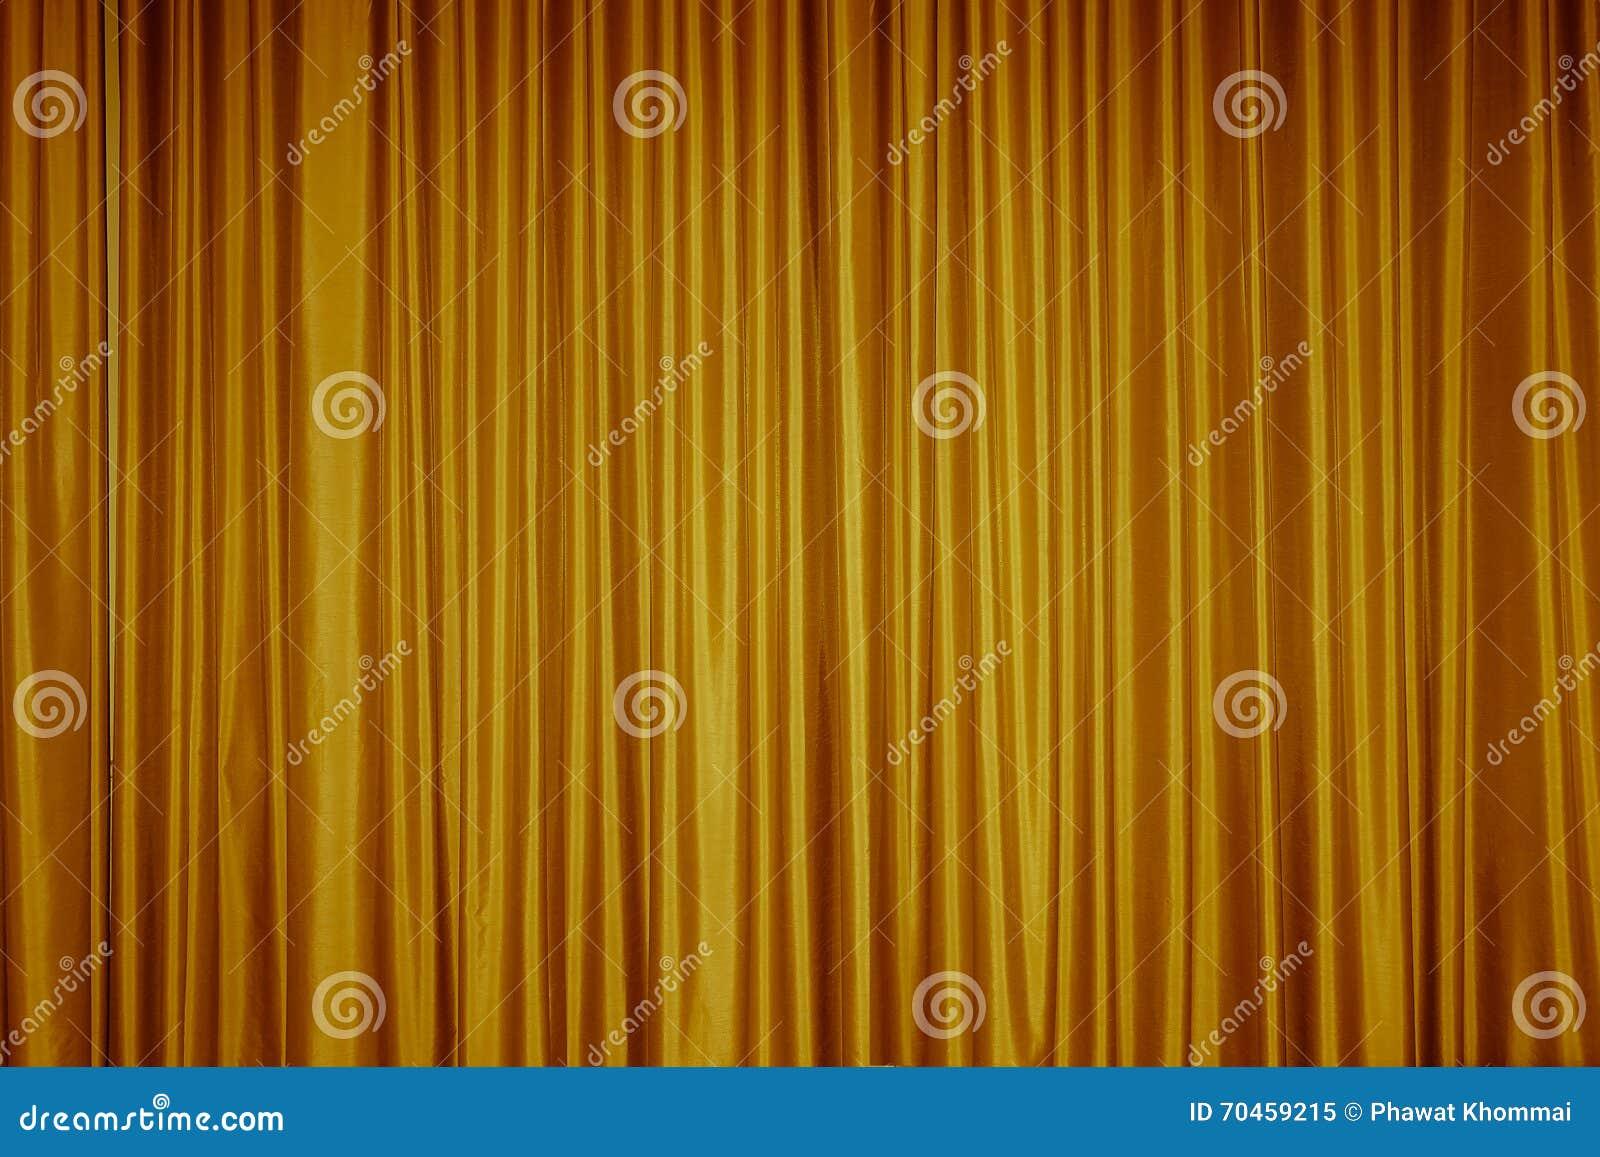 Textura Do Fundo Da Tela Da Cortina Imagem De Stock Imagem De Ouro - Tela-para-cortina